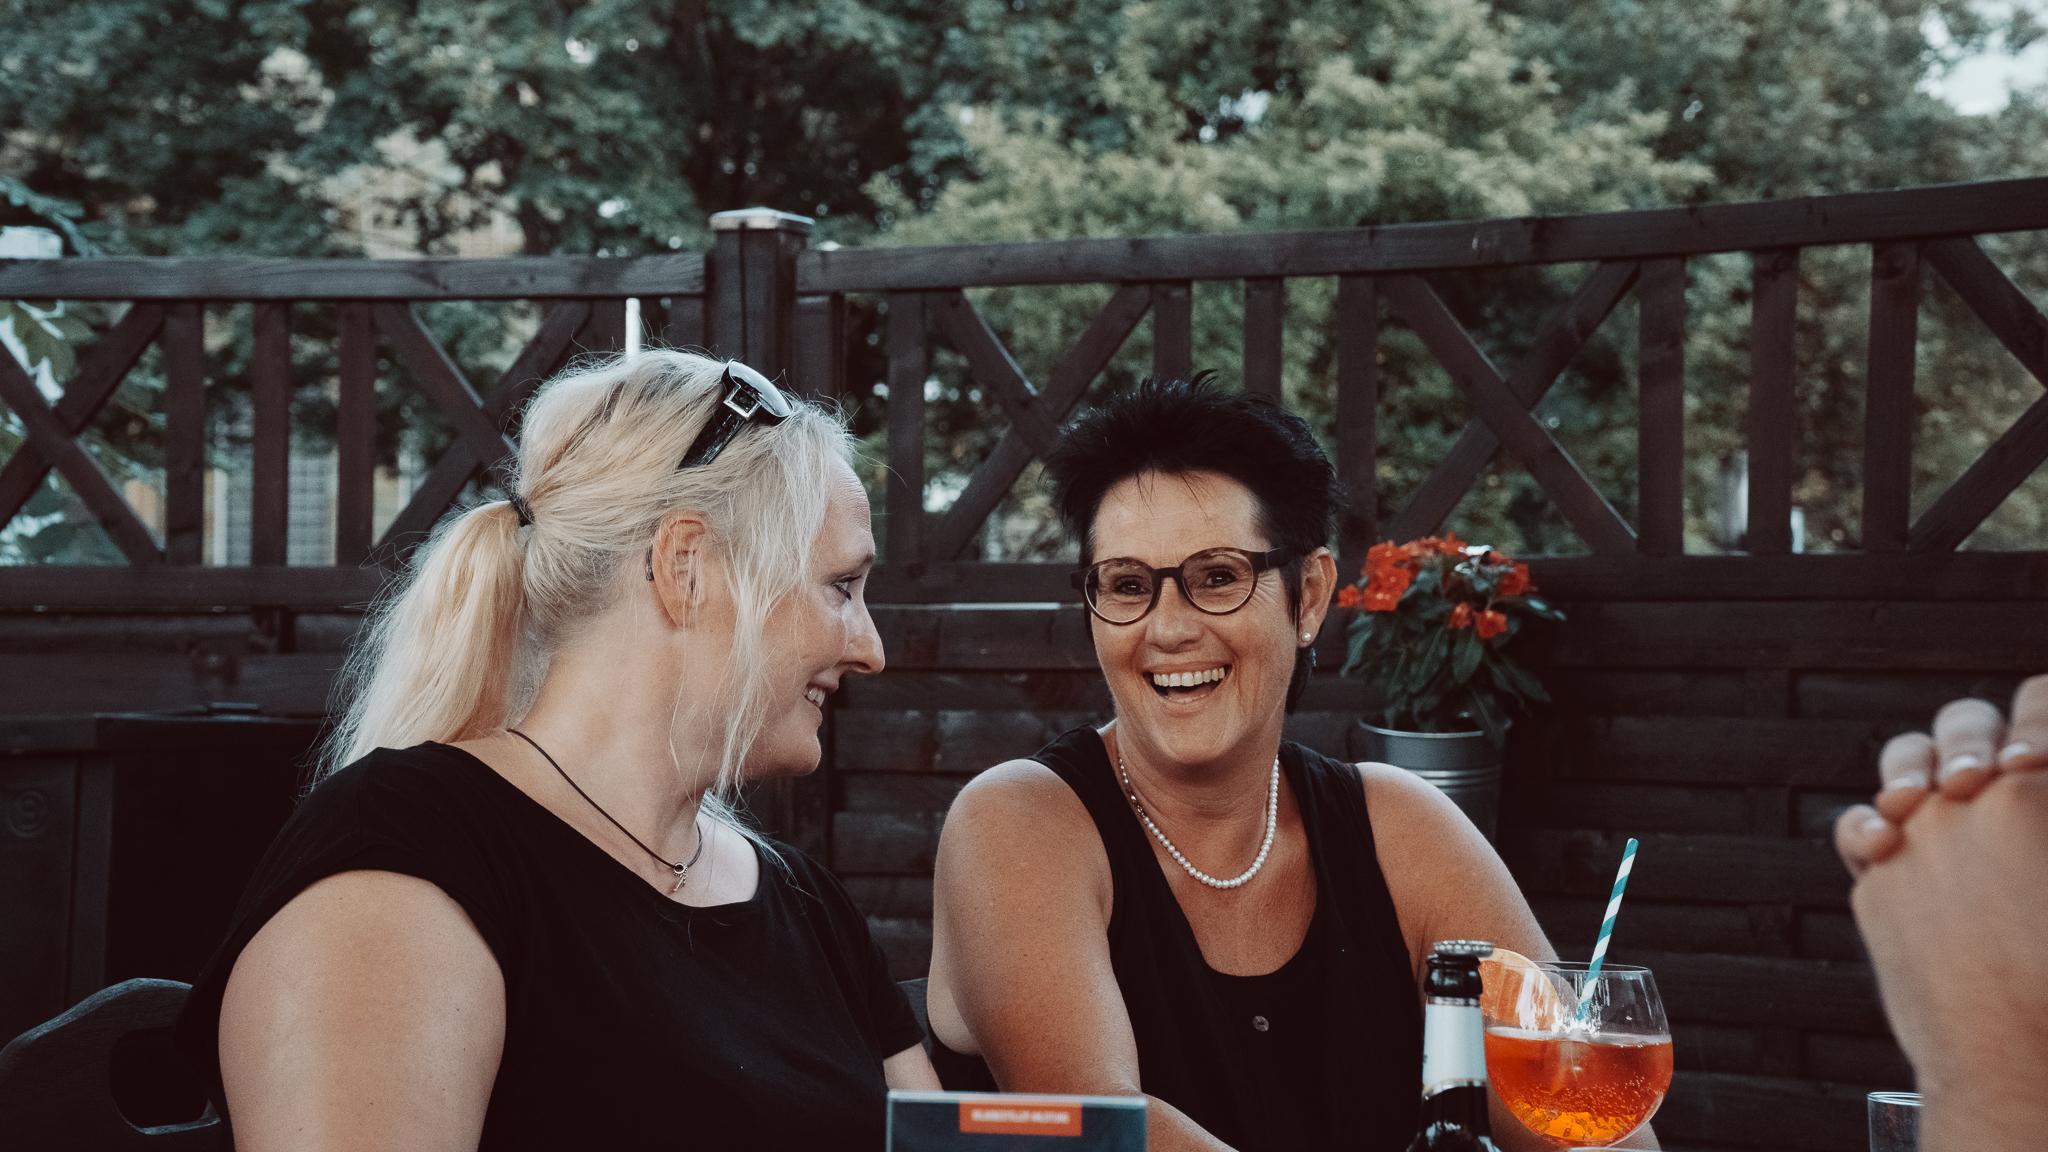 eventfotografie für ersteklasse burger in hilchenbach, fotograf in siegen